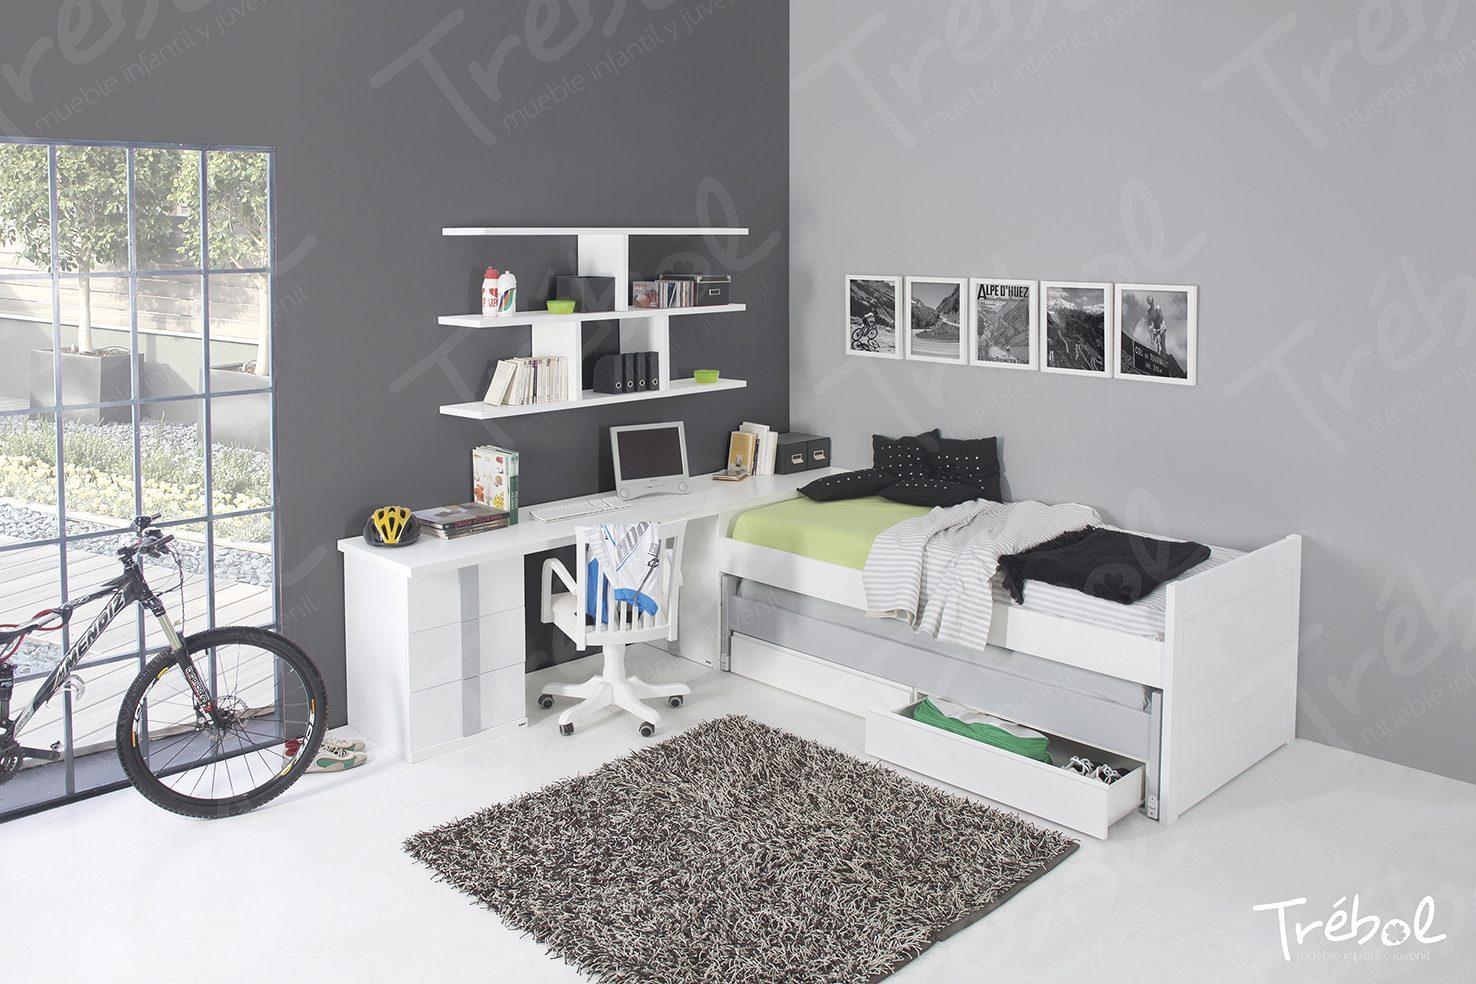 Dormitorio juvenil urban mobiliario hd for Mobiliario dormitorio juvenil